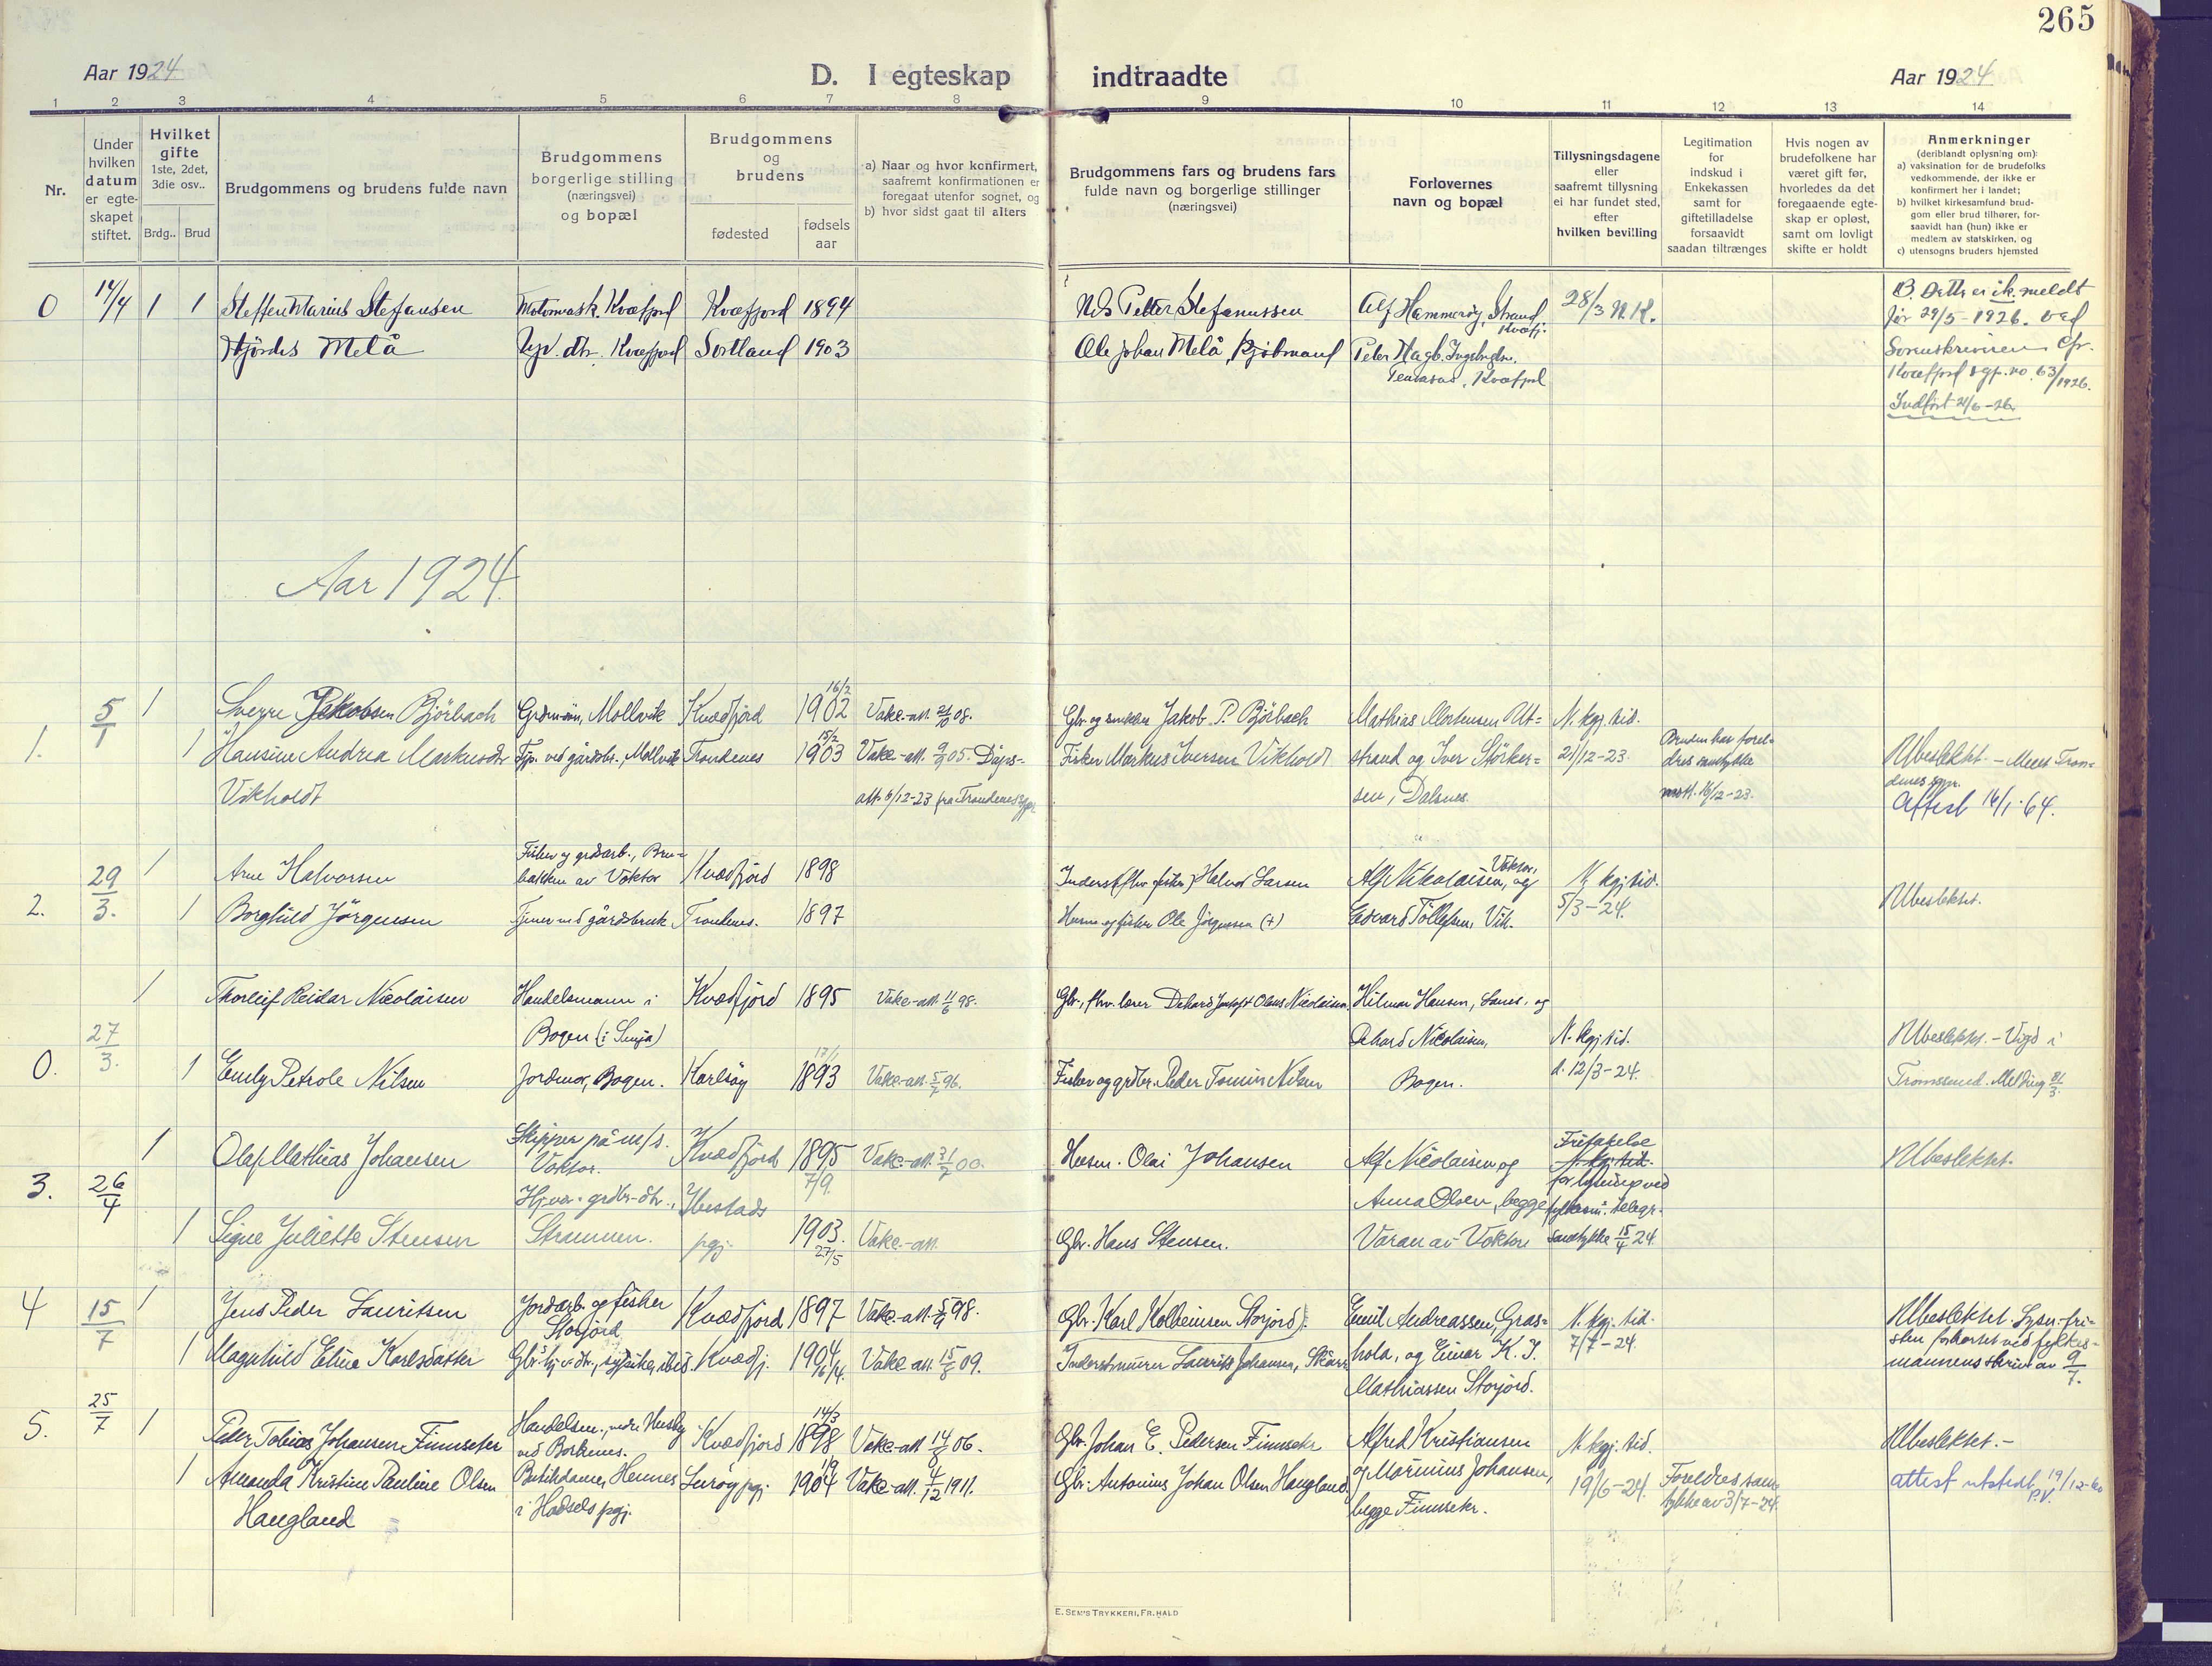 SATØ, Kvæfjord sokneprestkontor, G/Ga/Gaa/L0007kirke: Ministerialbok nr. 7, 1915-1931, s. 265